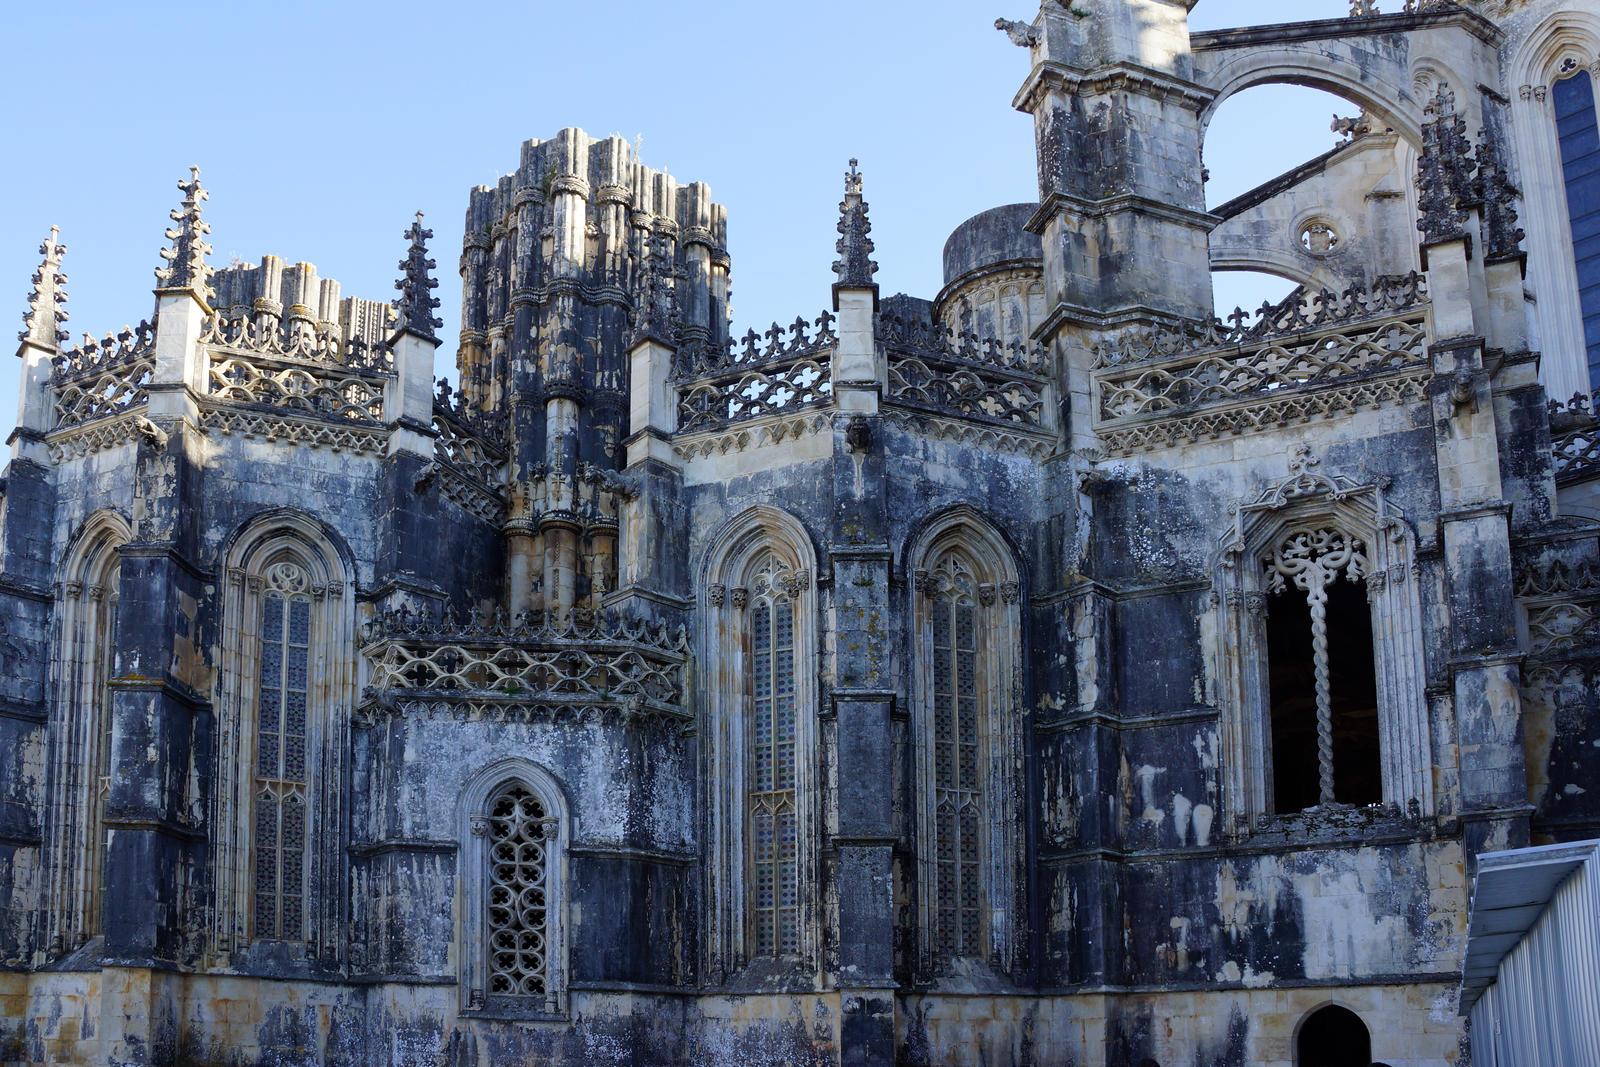 Multiple windows or castle by Simbores